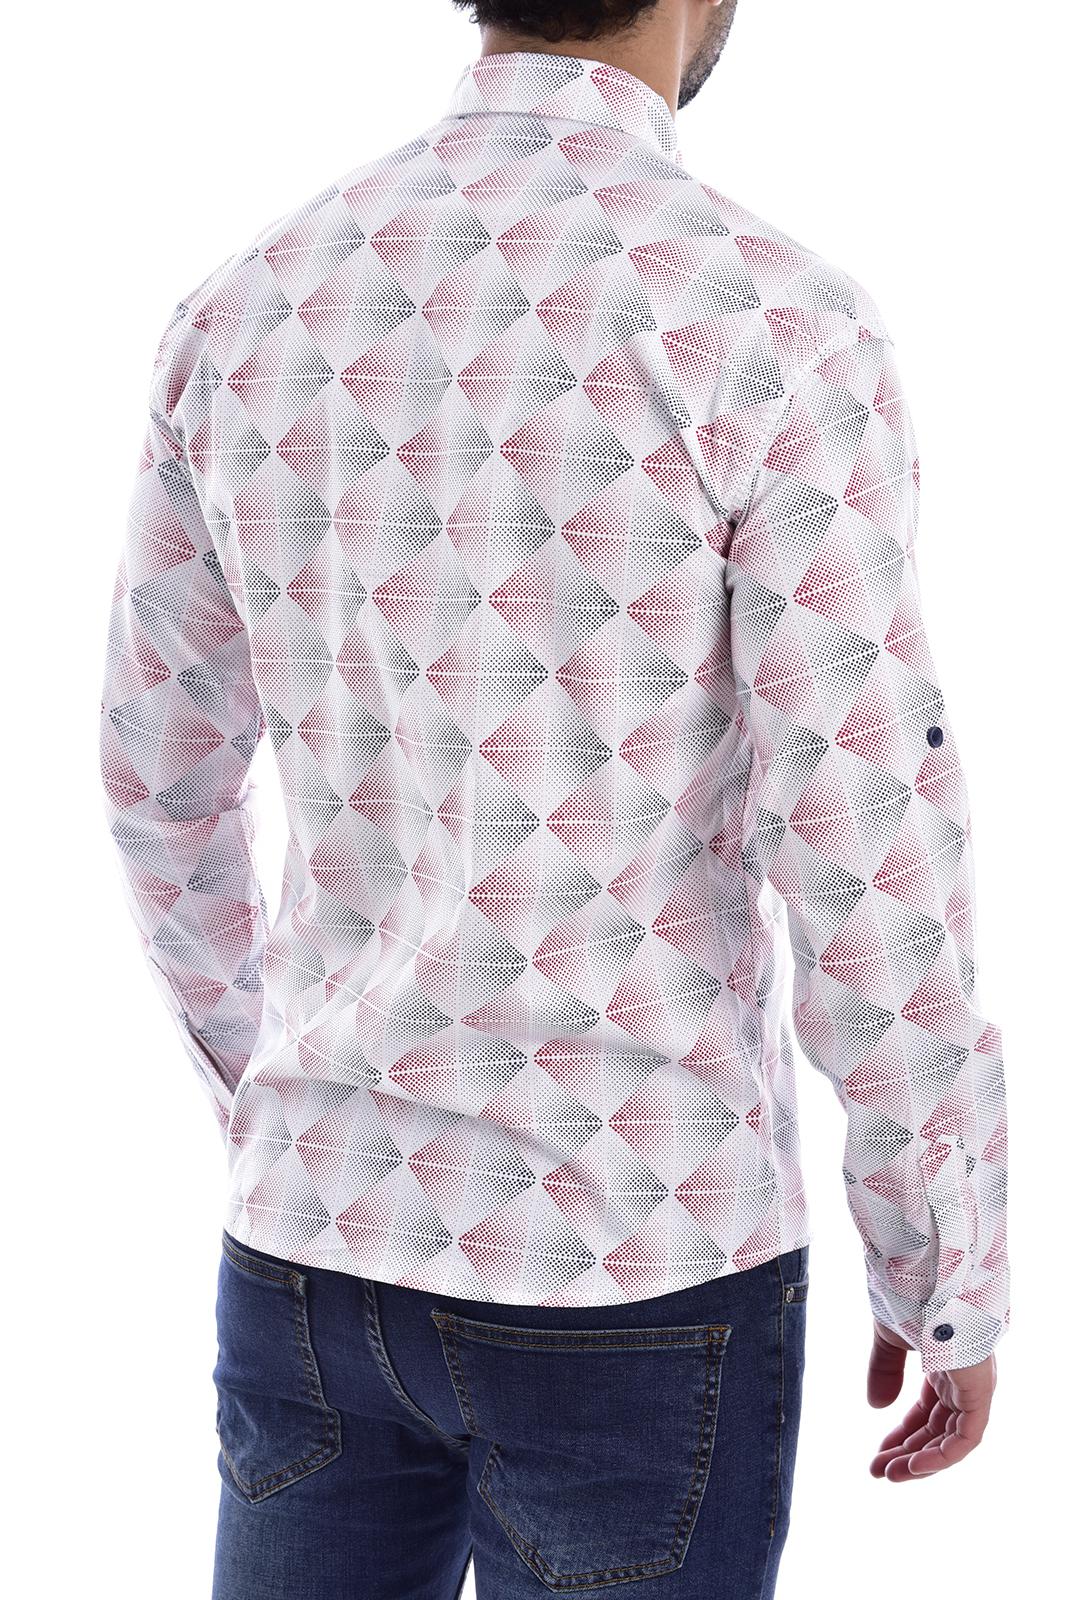 Chemises manches longues  Goldenim paris 1043 BLANC/ROUGE/BLEU